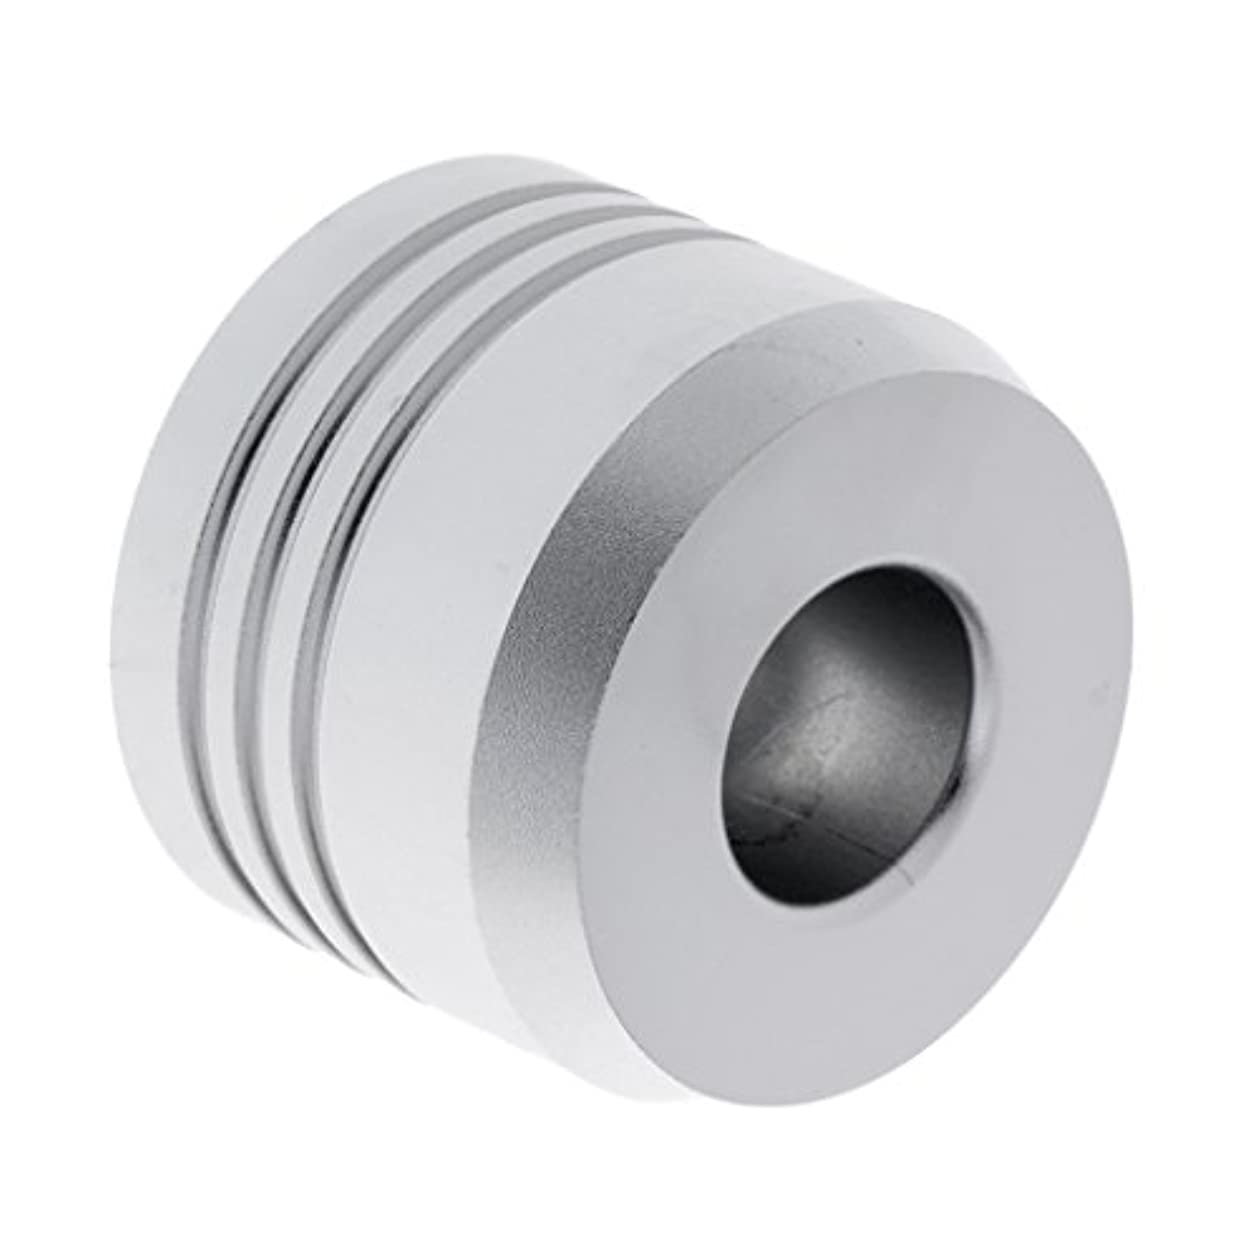 八百屋欠乏ベースセーフティカミソリスタンド スタンド メンズ シェービング カミソリホルダー サポート 調節可能 シェーバーベース 2色選べ - 銀